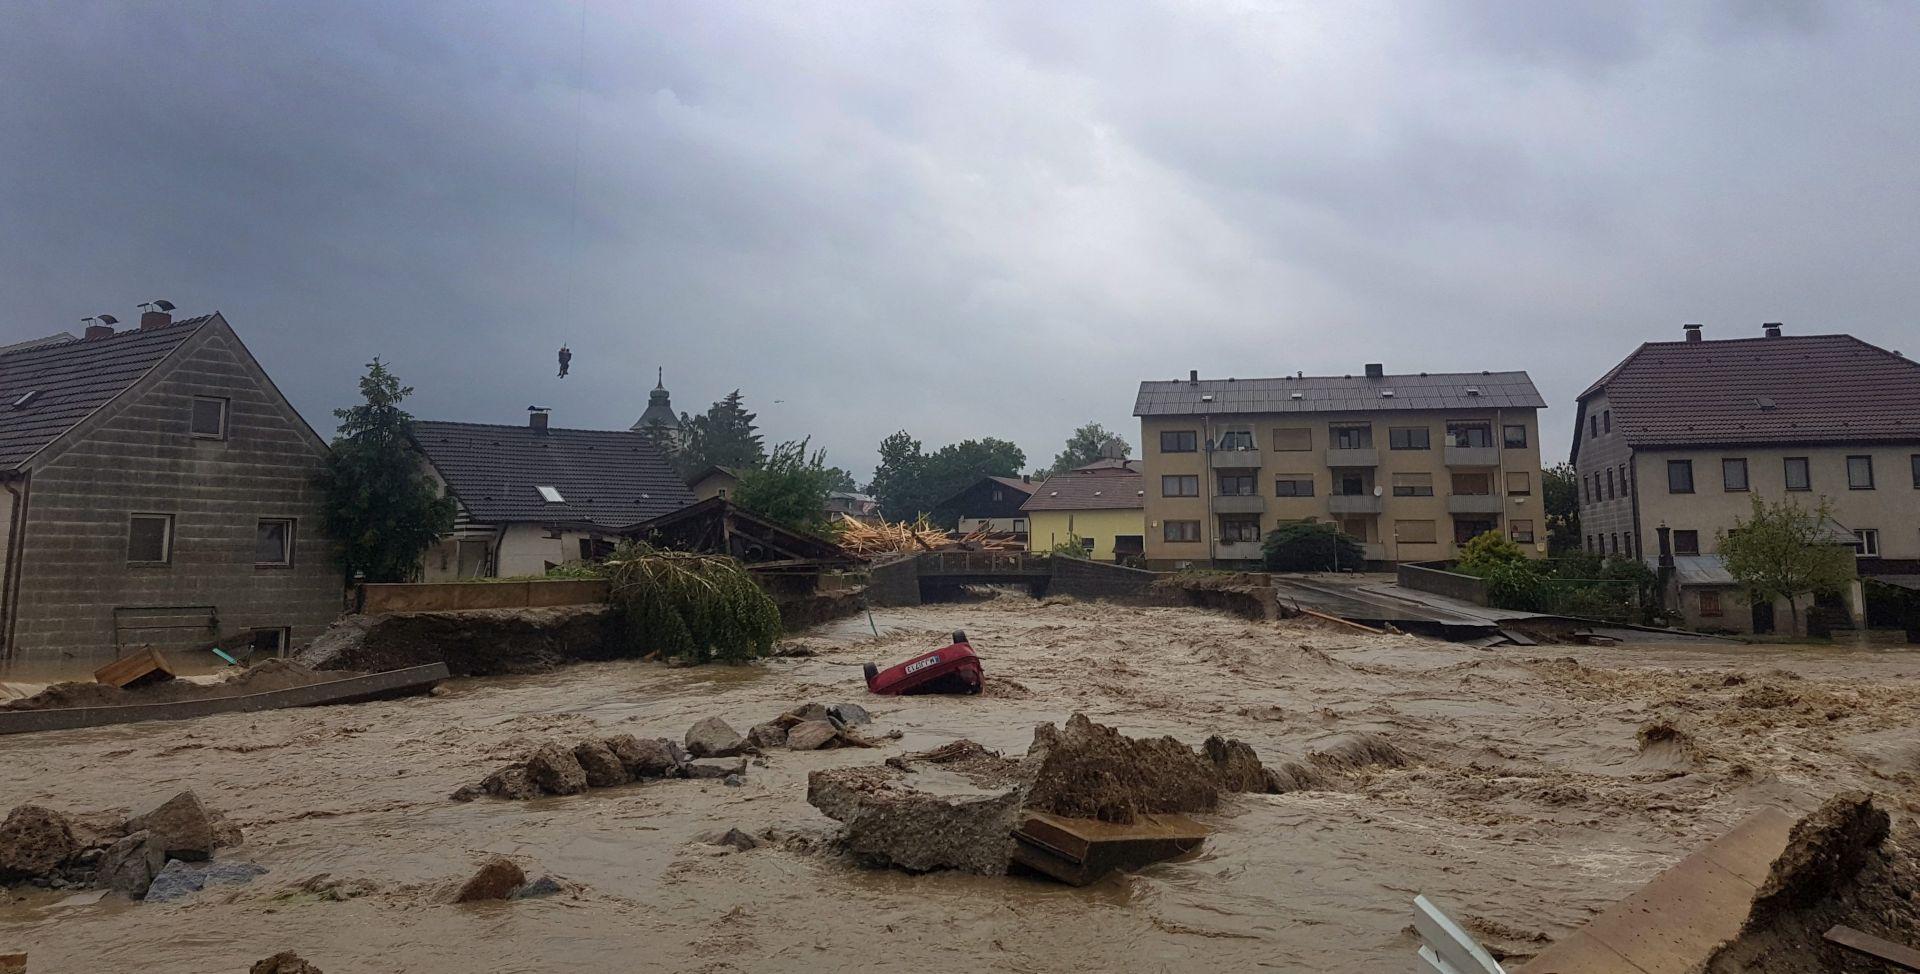 STRAŠNE POPLAVE U EUROPI Najmanje deset osoba izgubilo živote, u Francuskoj proglašeno stanje katastrofe